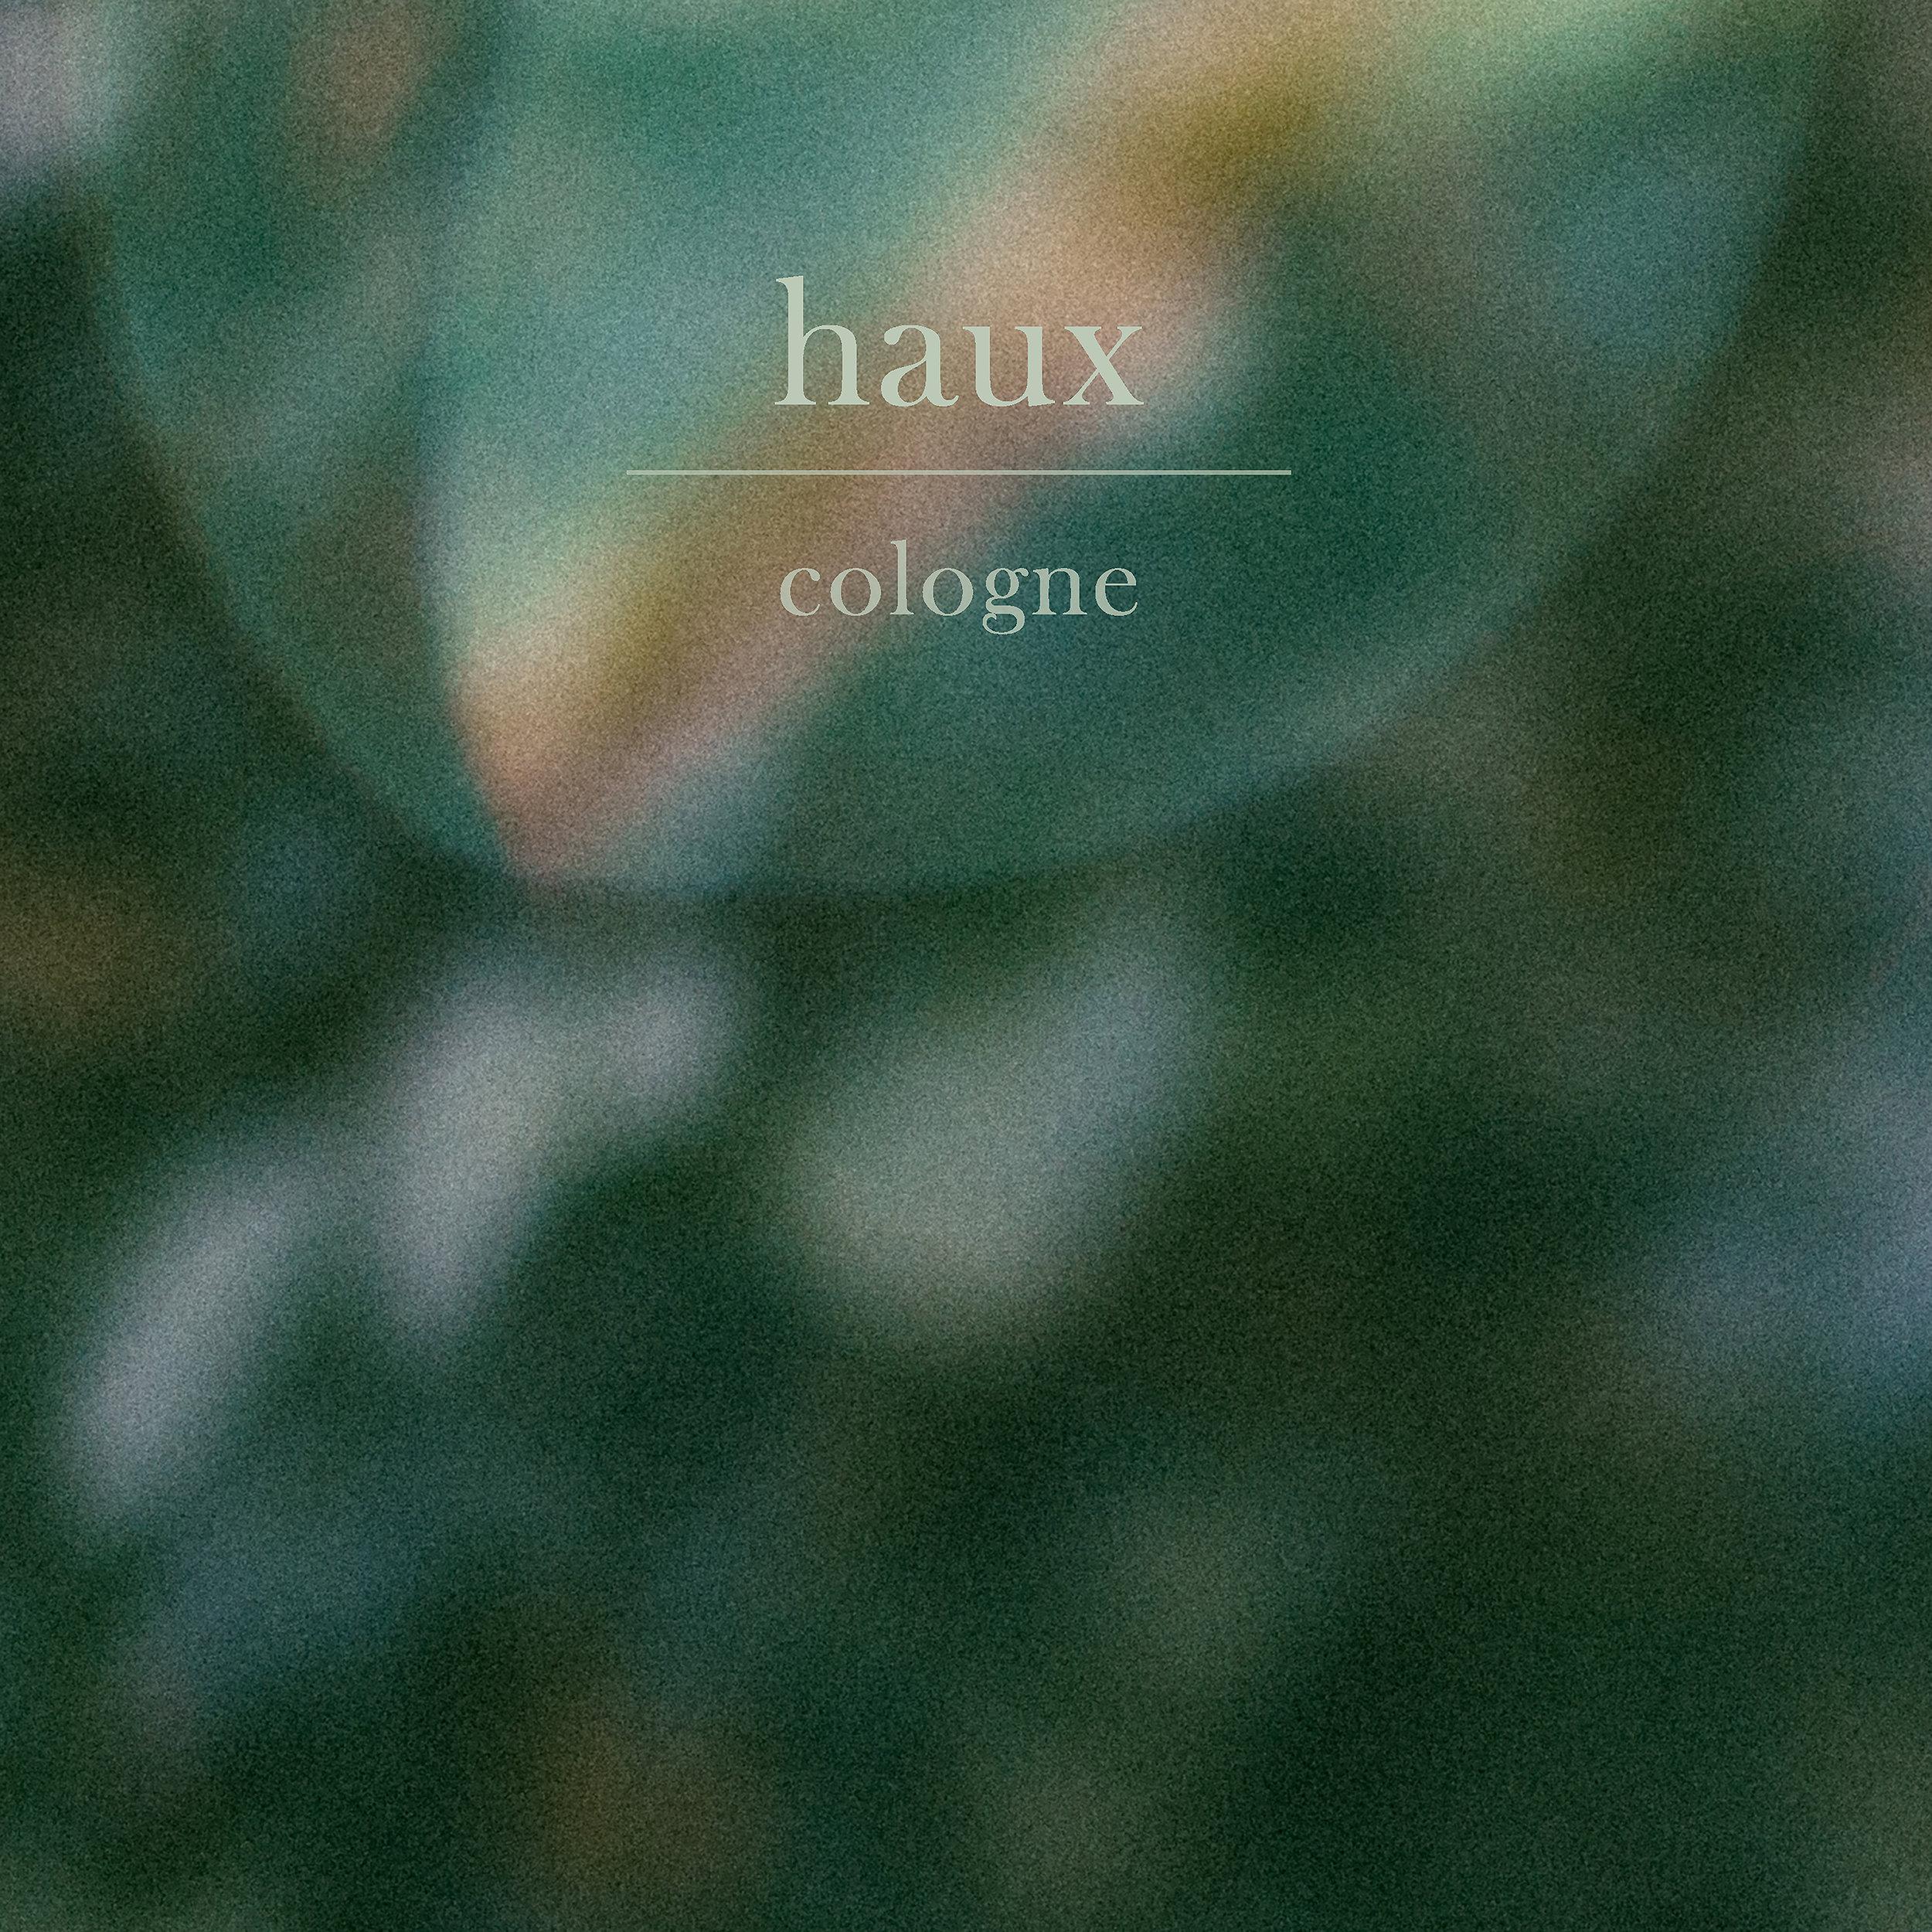 Haux - Cologne.jpg